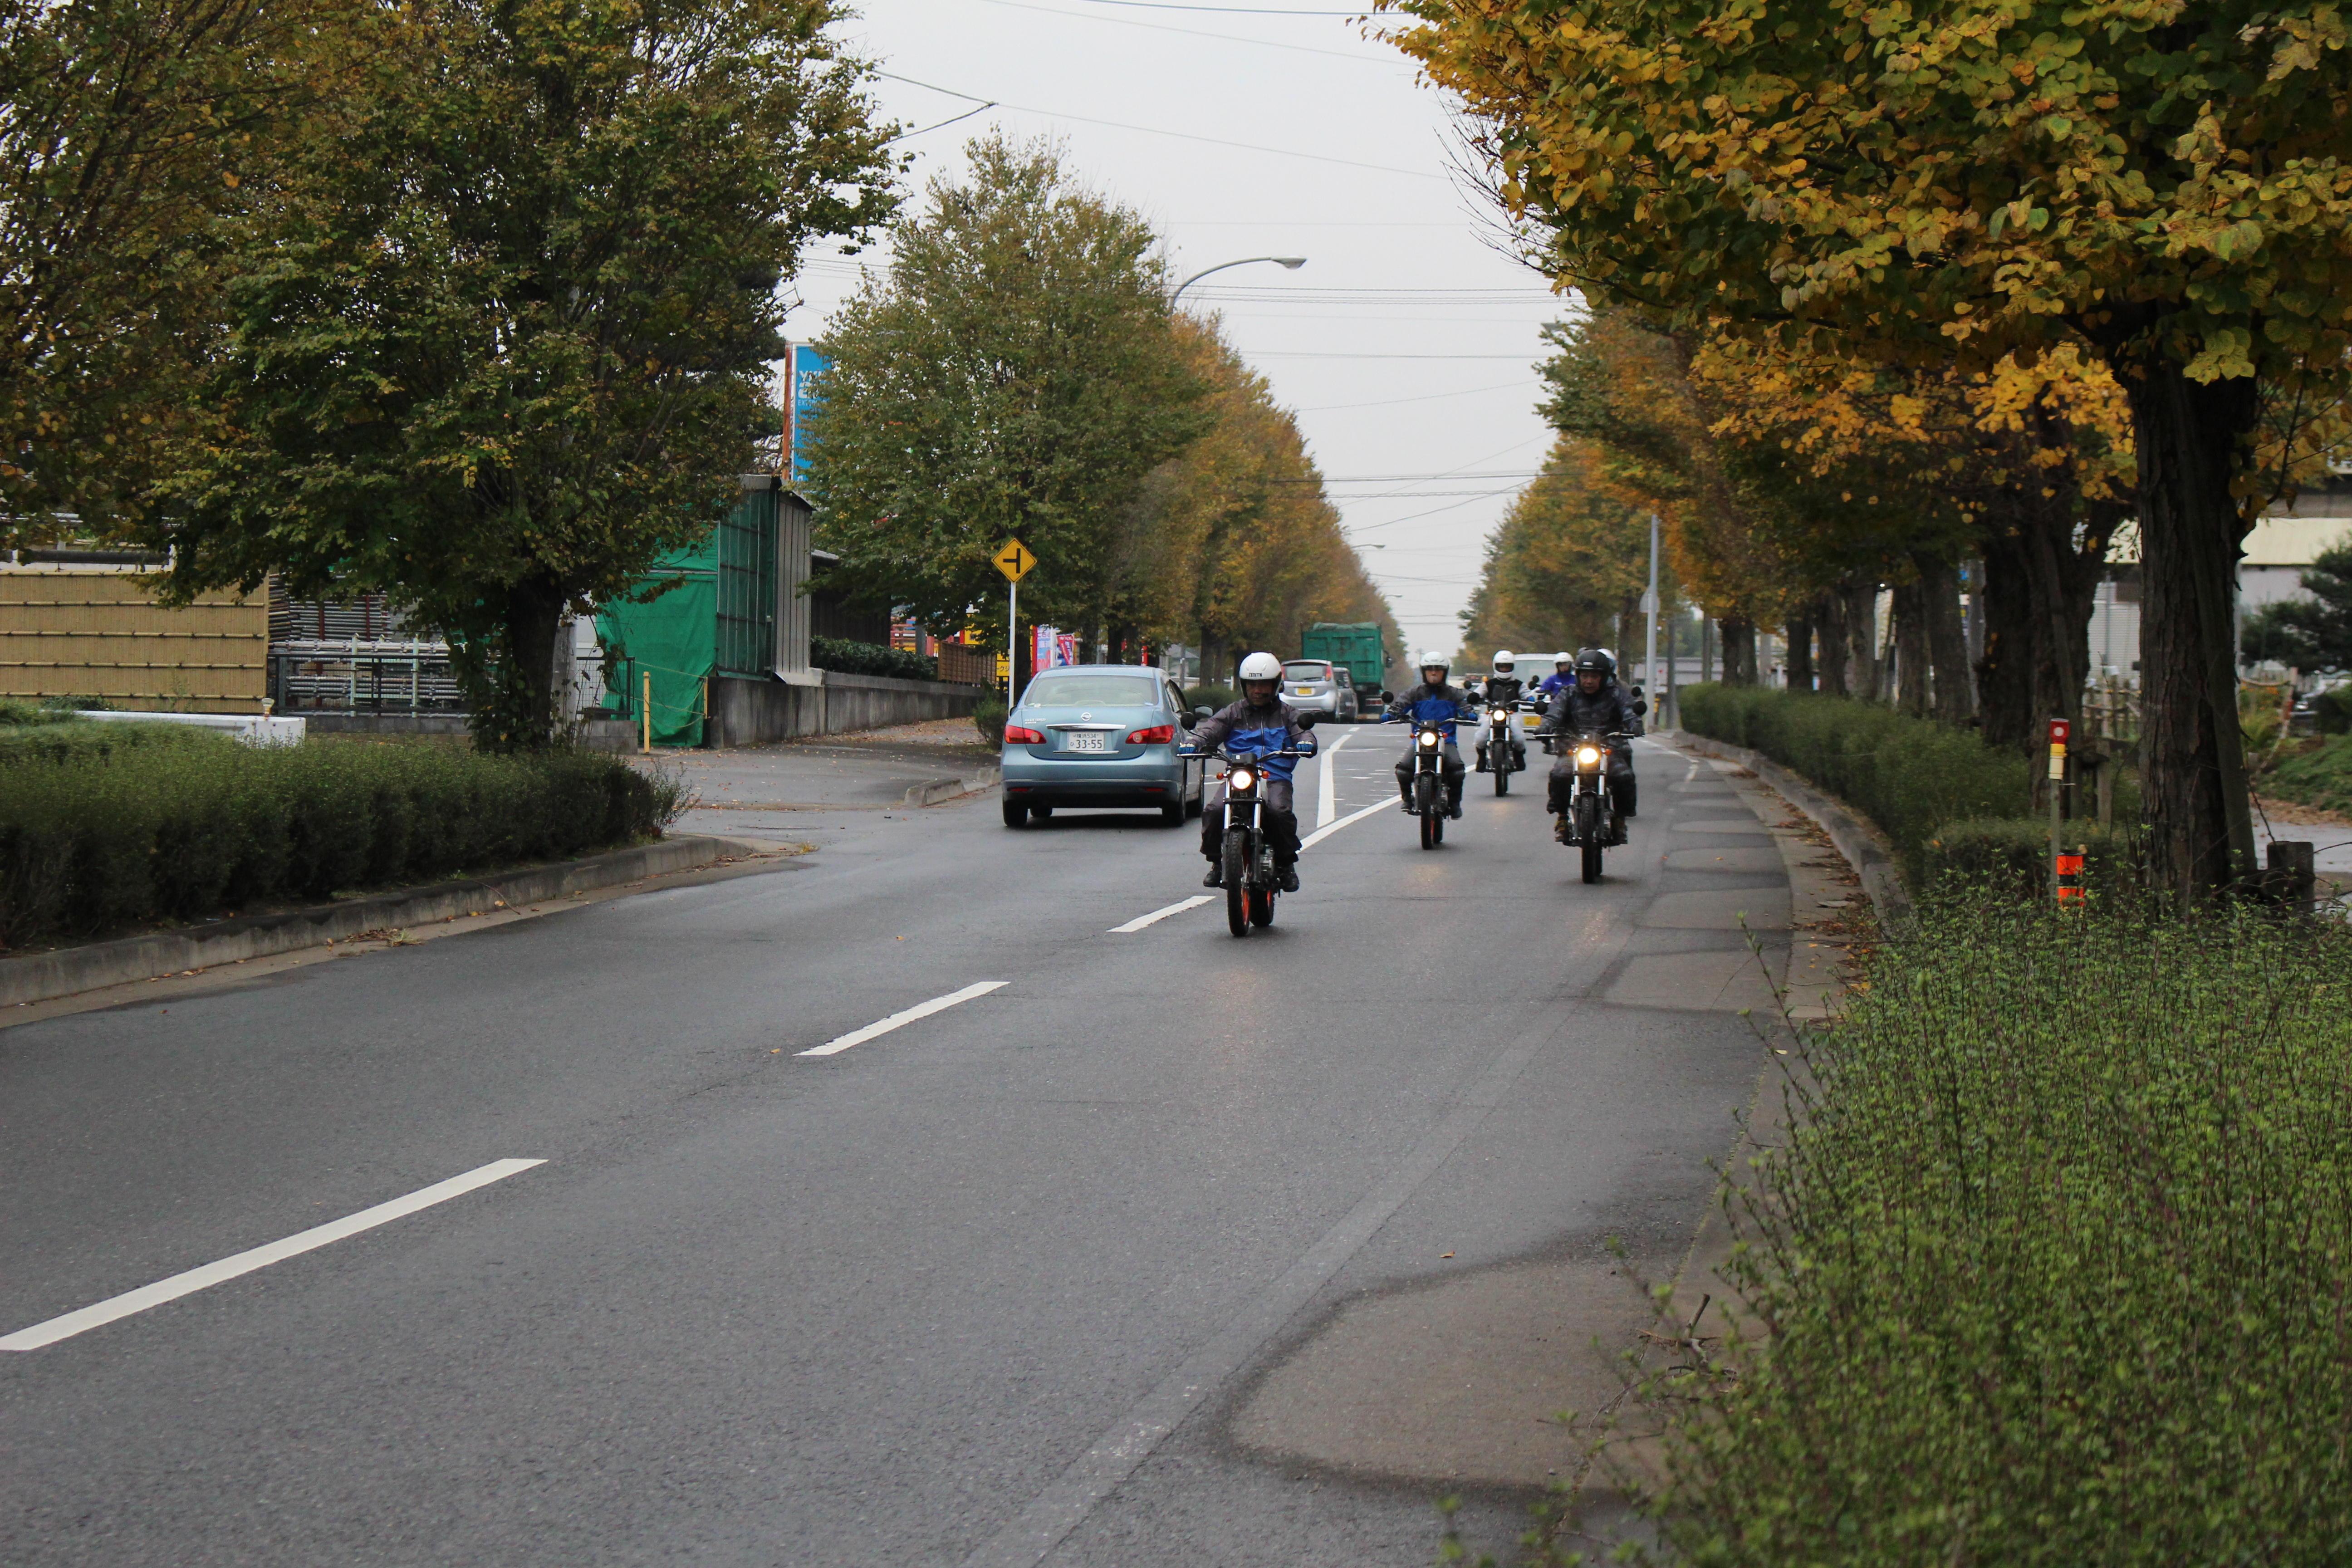 皆さん安全に正しくバイクで走れています◎ でもでも今回走っている方々、実はレッスン開始前は、「今年免許を取得したばかりで公道が不安」「25年ぶりのリターンで久々のバイクが怖い...」という基本操作に不安がある方々だったのです。